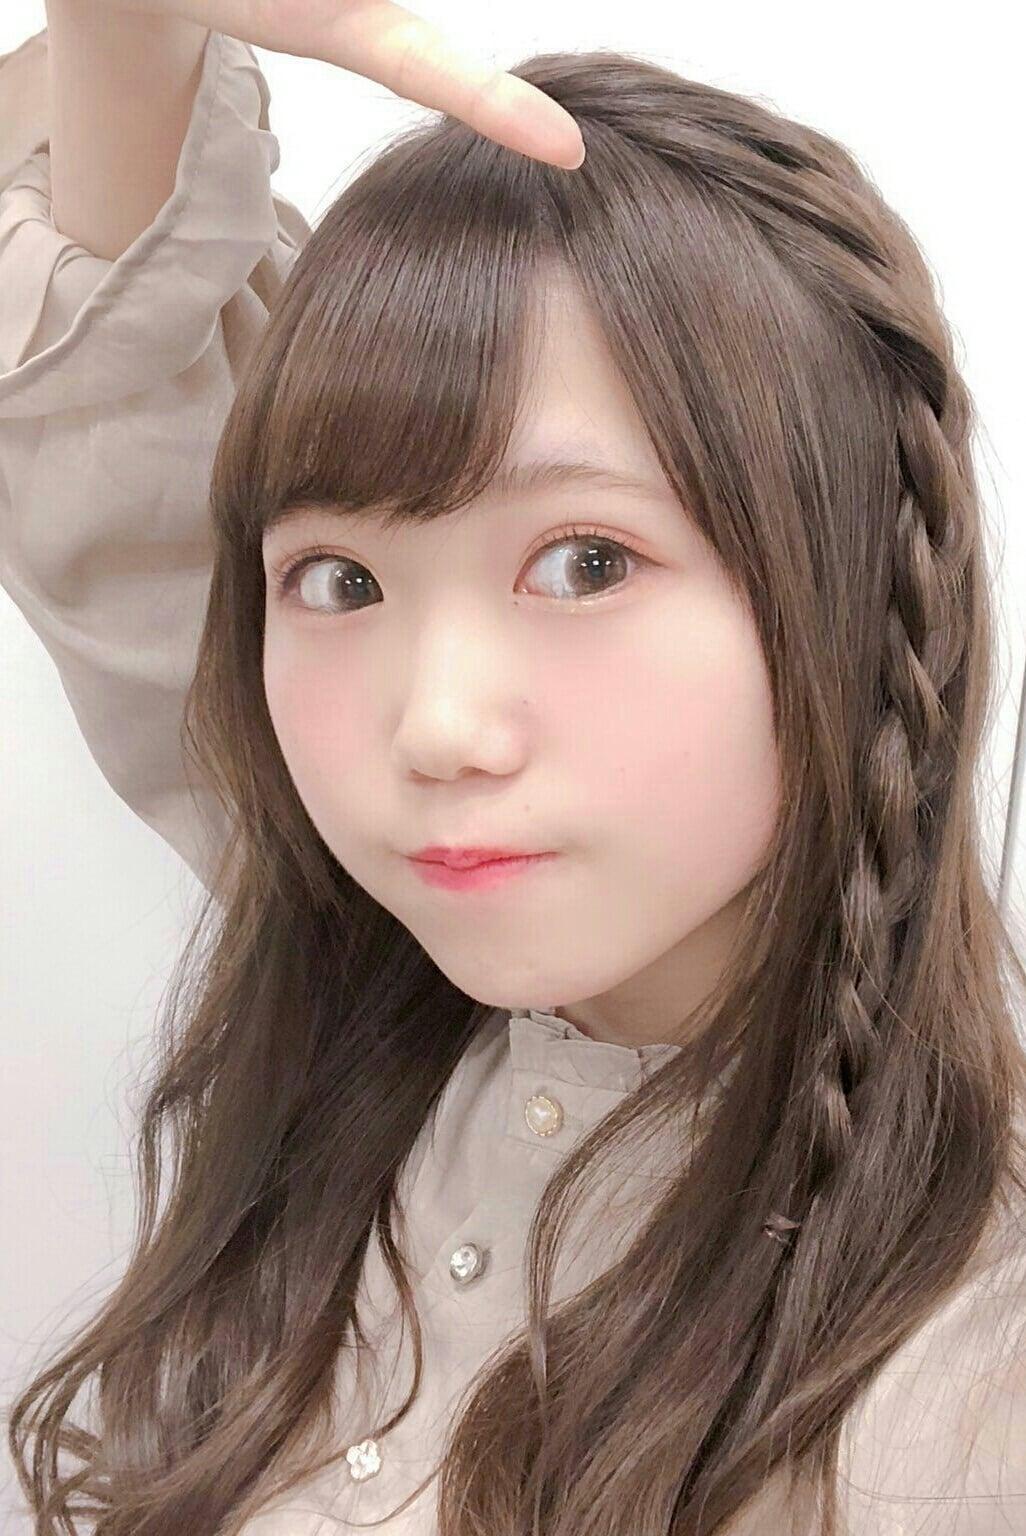 Rin Aira